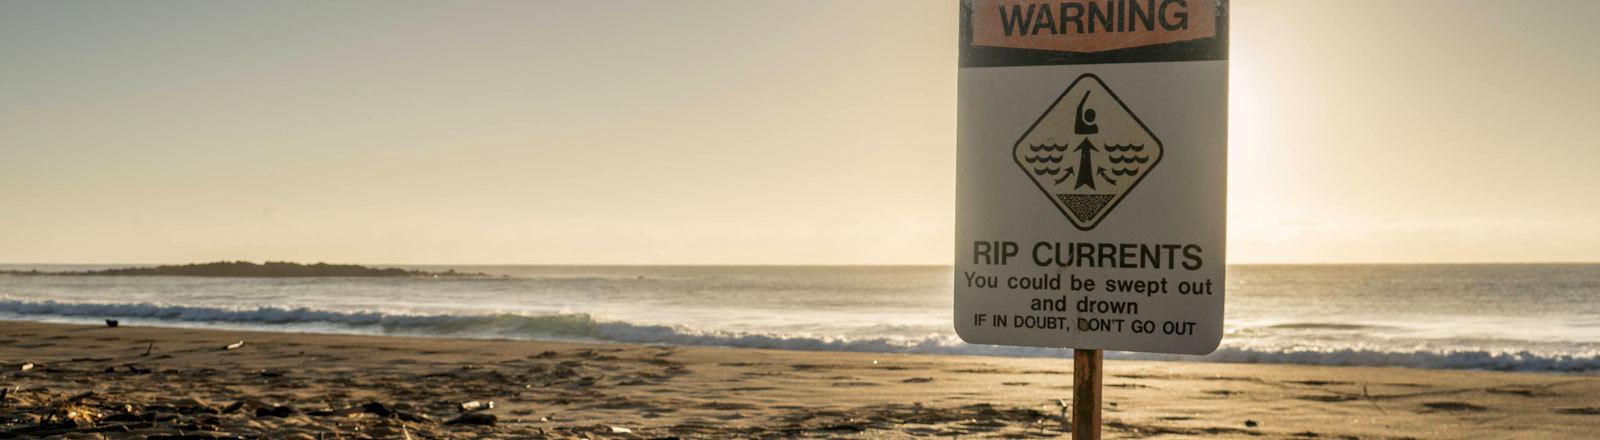 Schild am Strand warnt vor gefährlicher Strömung